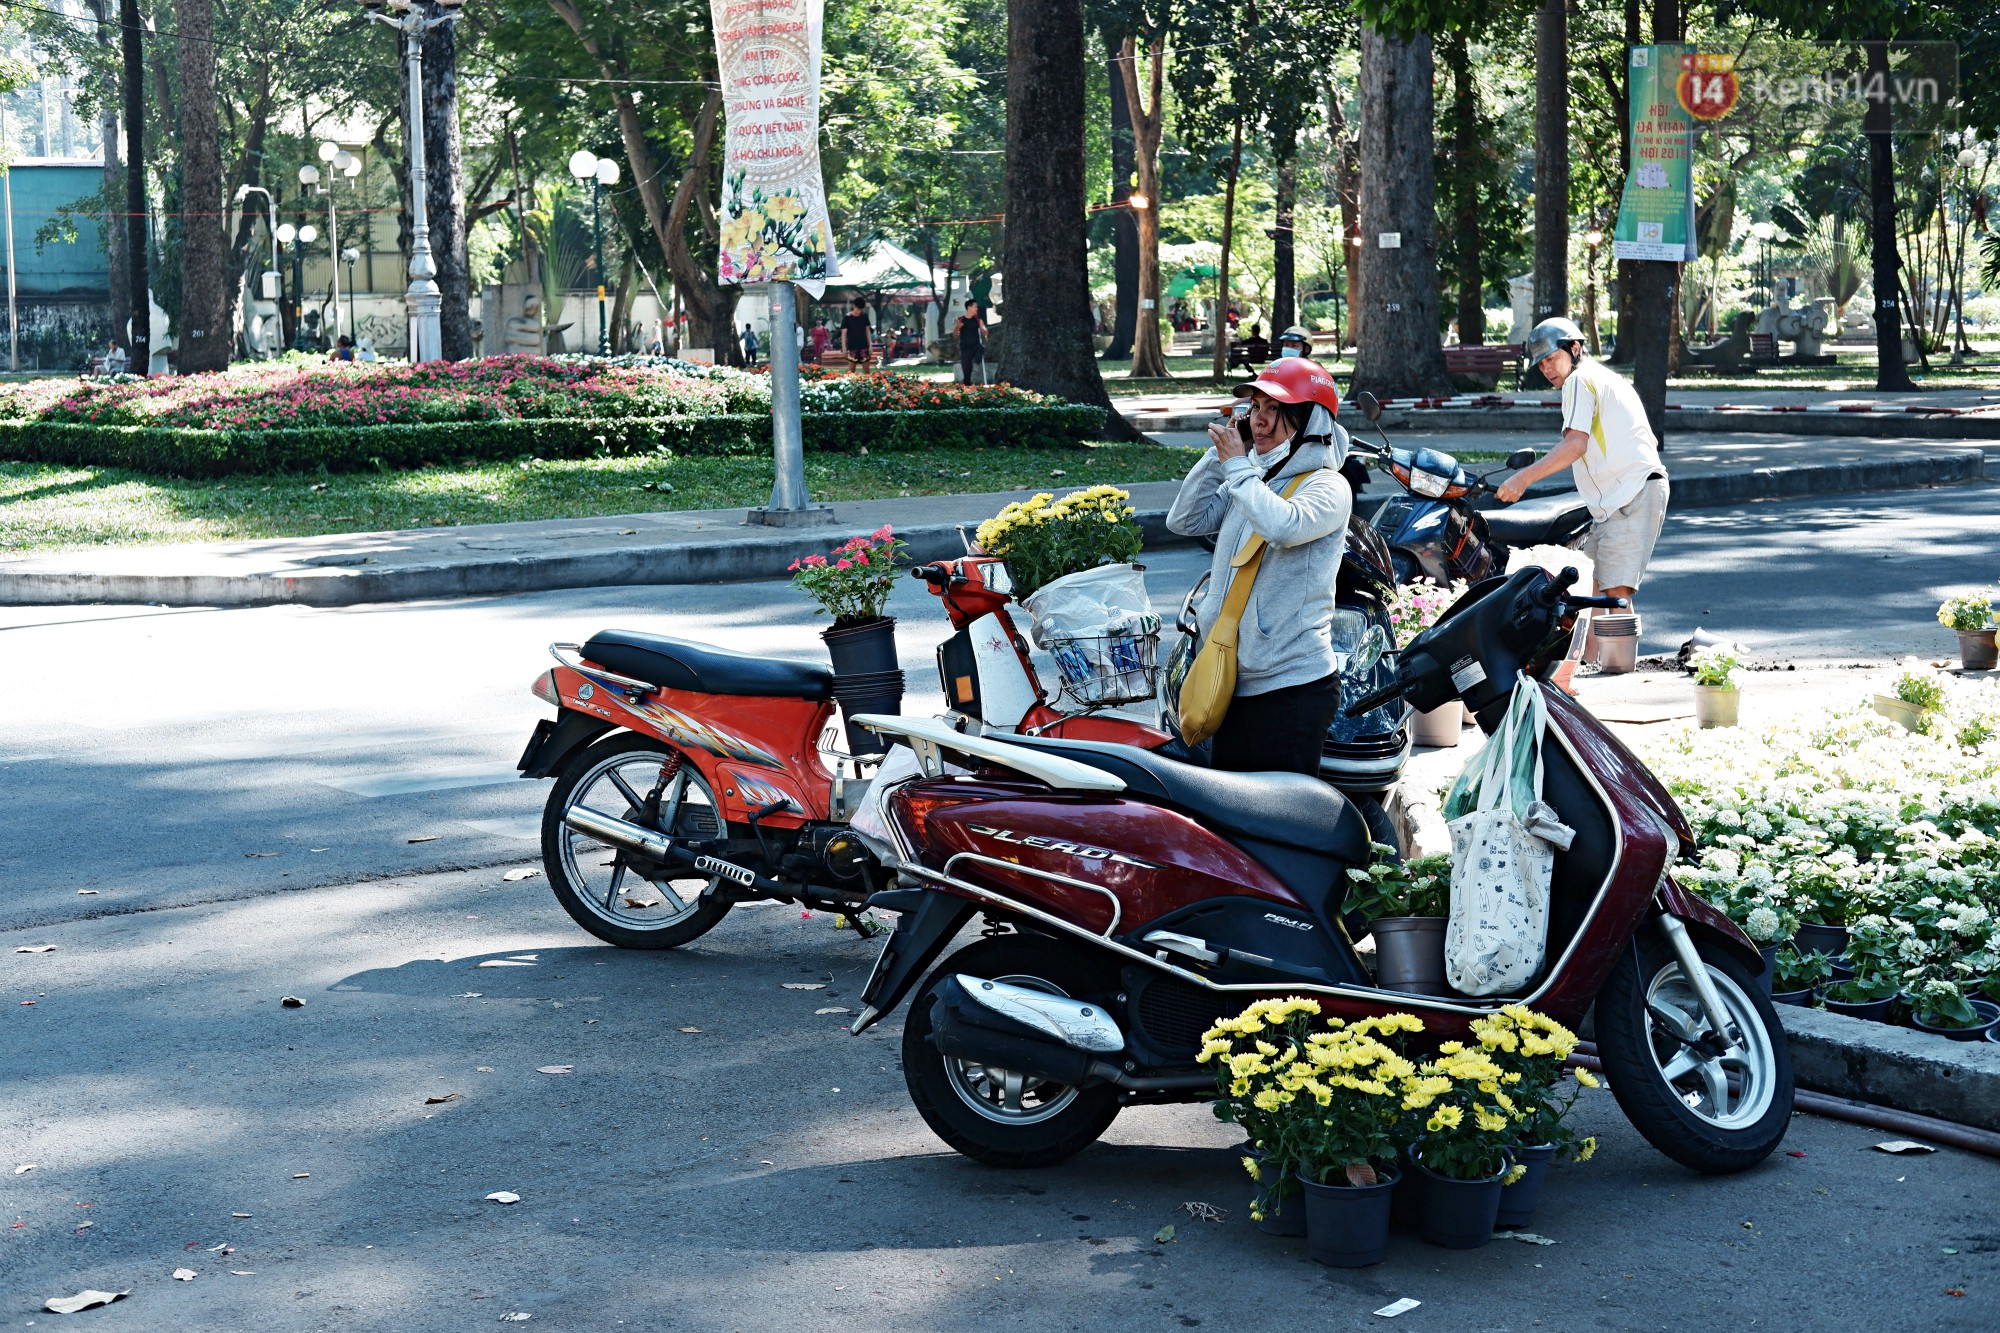 Hội hoa Xuân kết thúc, người dân Sài Gòn hào hứng xin hoa miễn phí về chưng cho đỡ uổng phí - Ảnh 4.